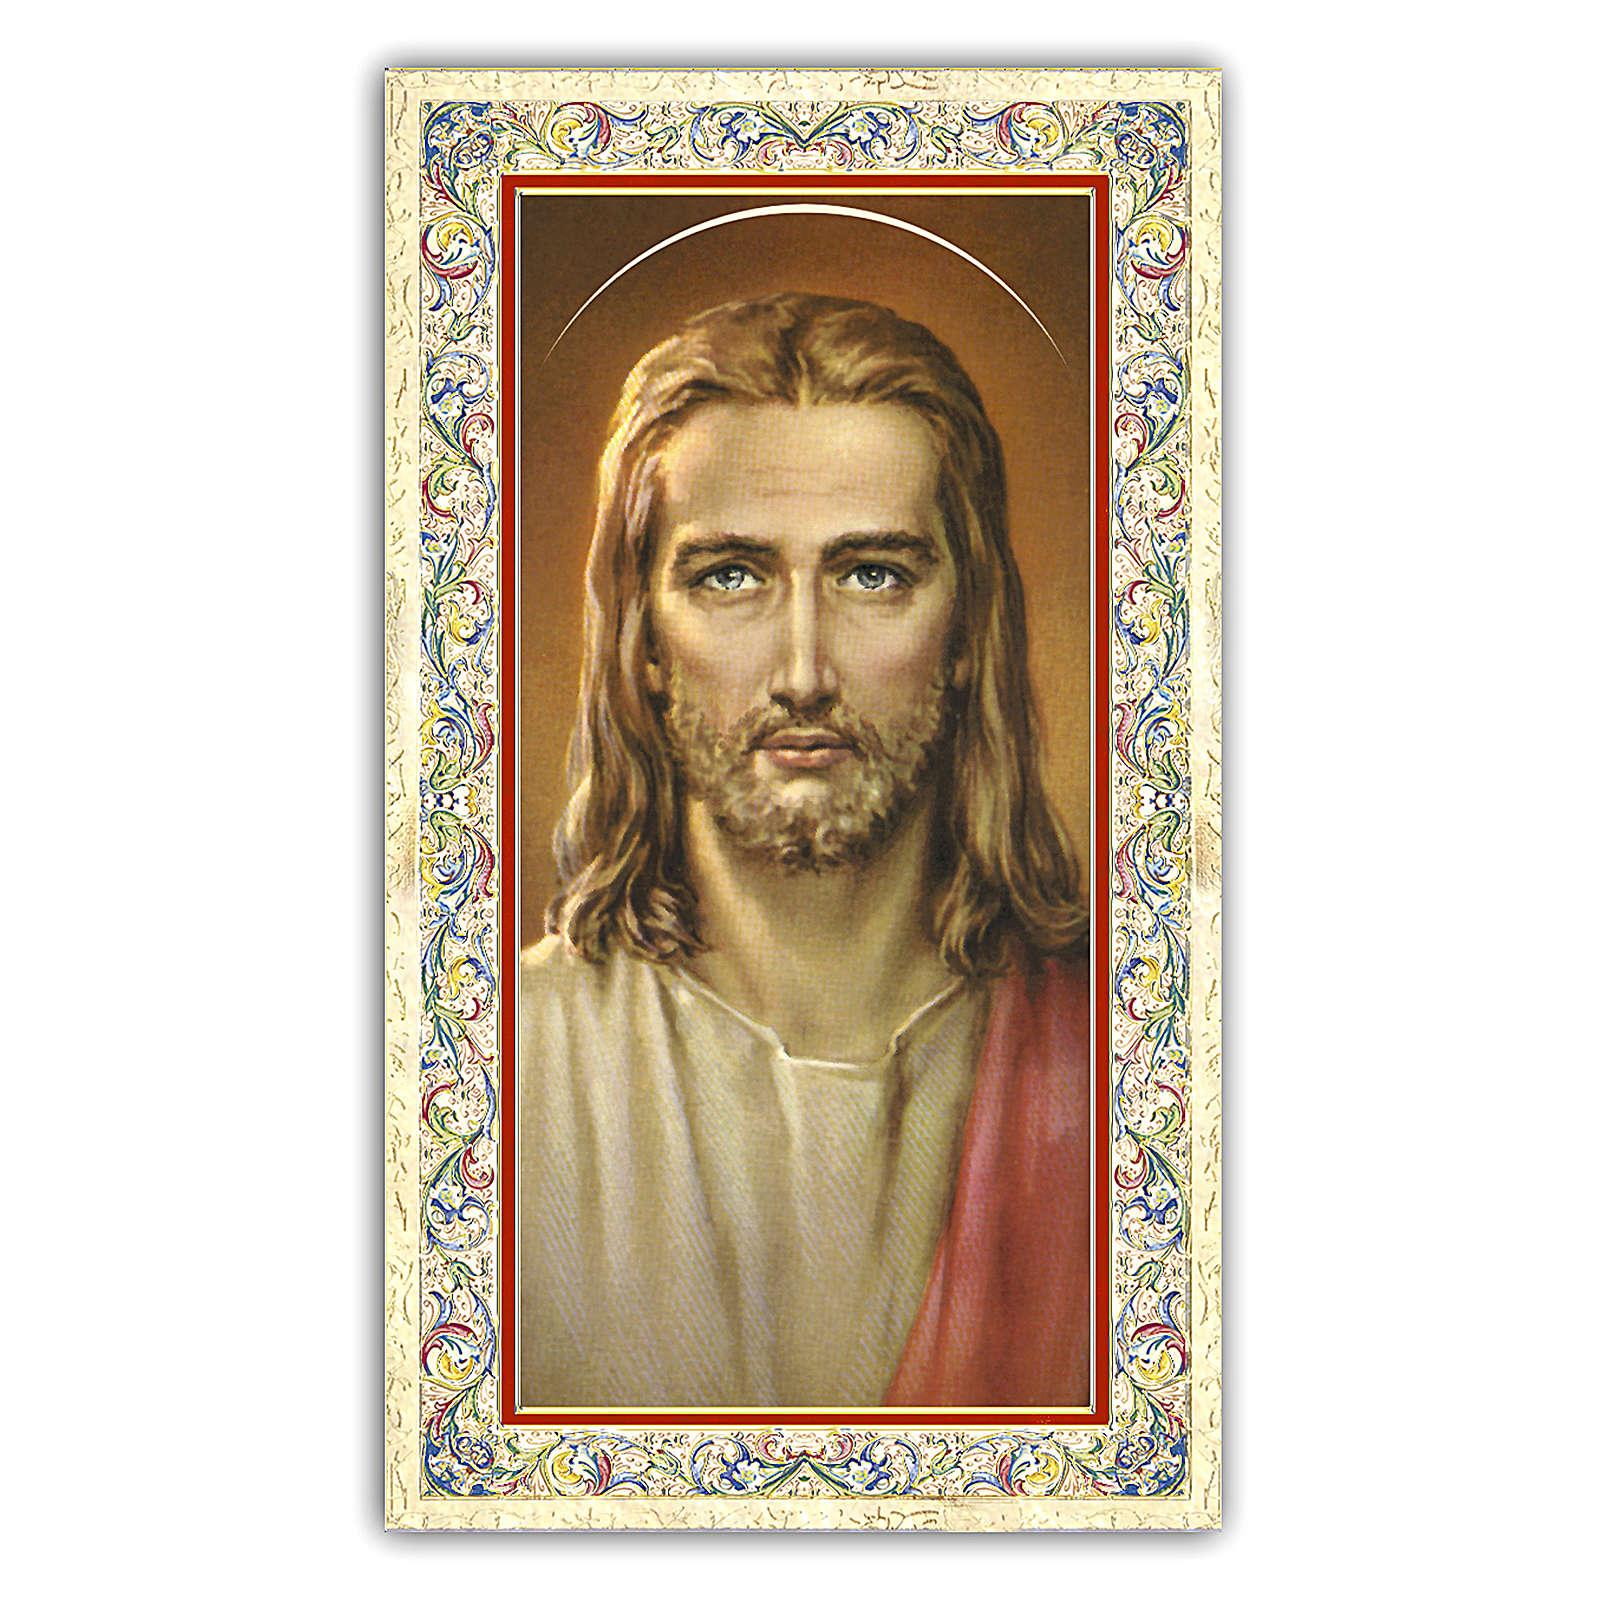 Estampa religiosa Rostro de Cristo 10x5 cm ITA 4